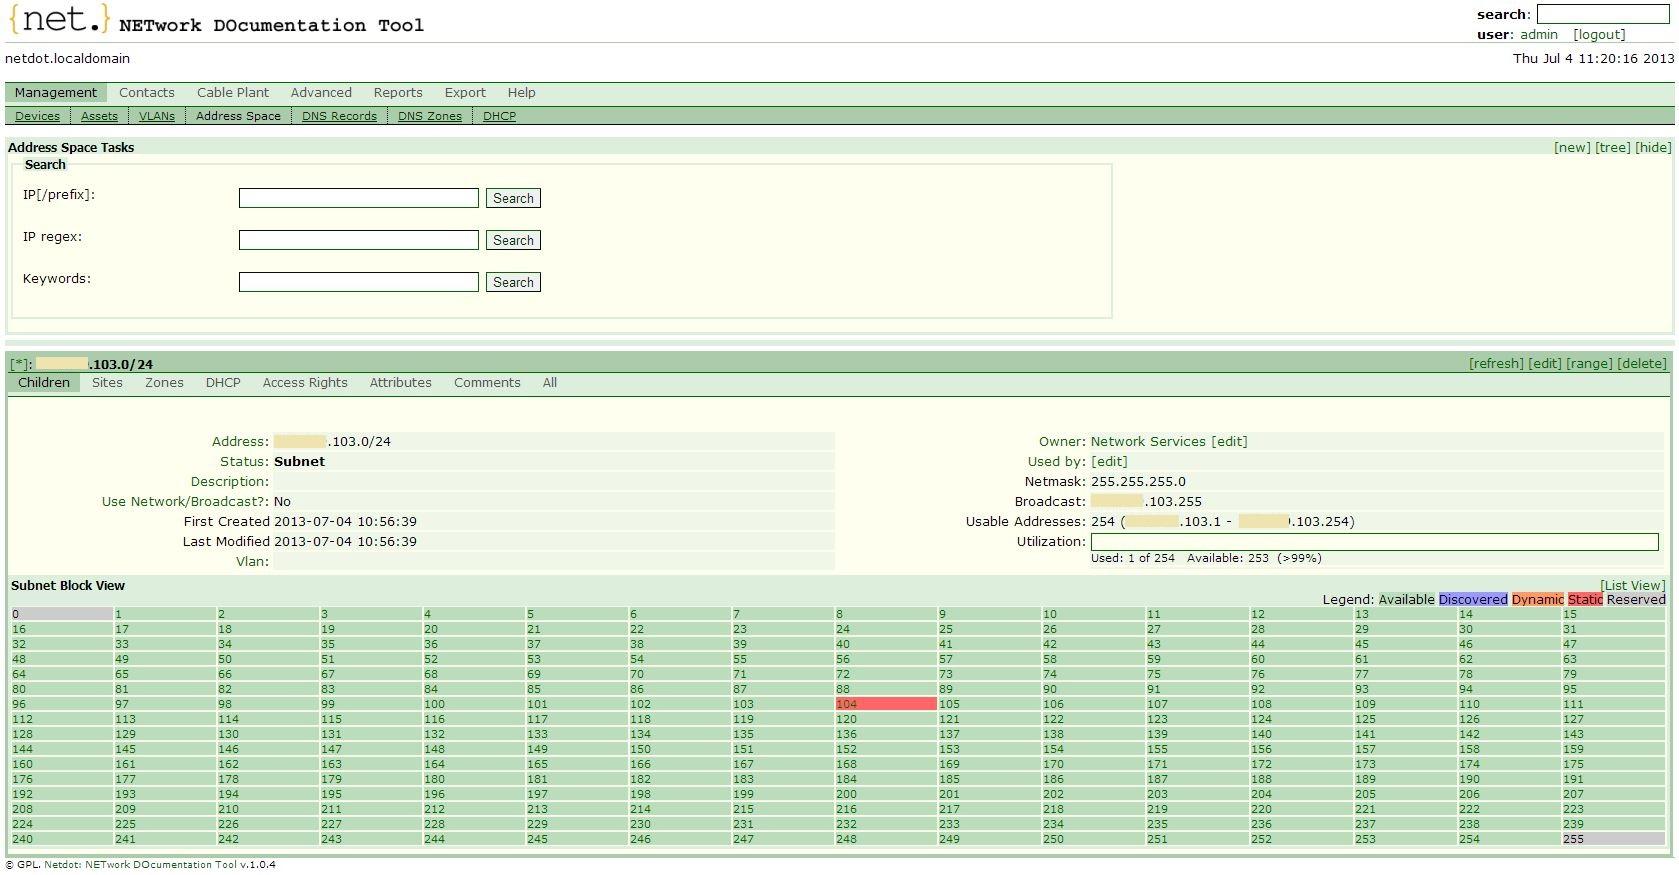 Network Documentation Tool — система для ведения документации сети